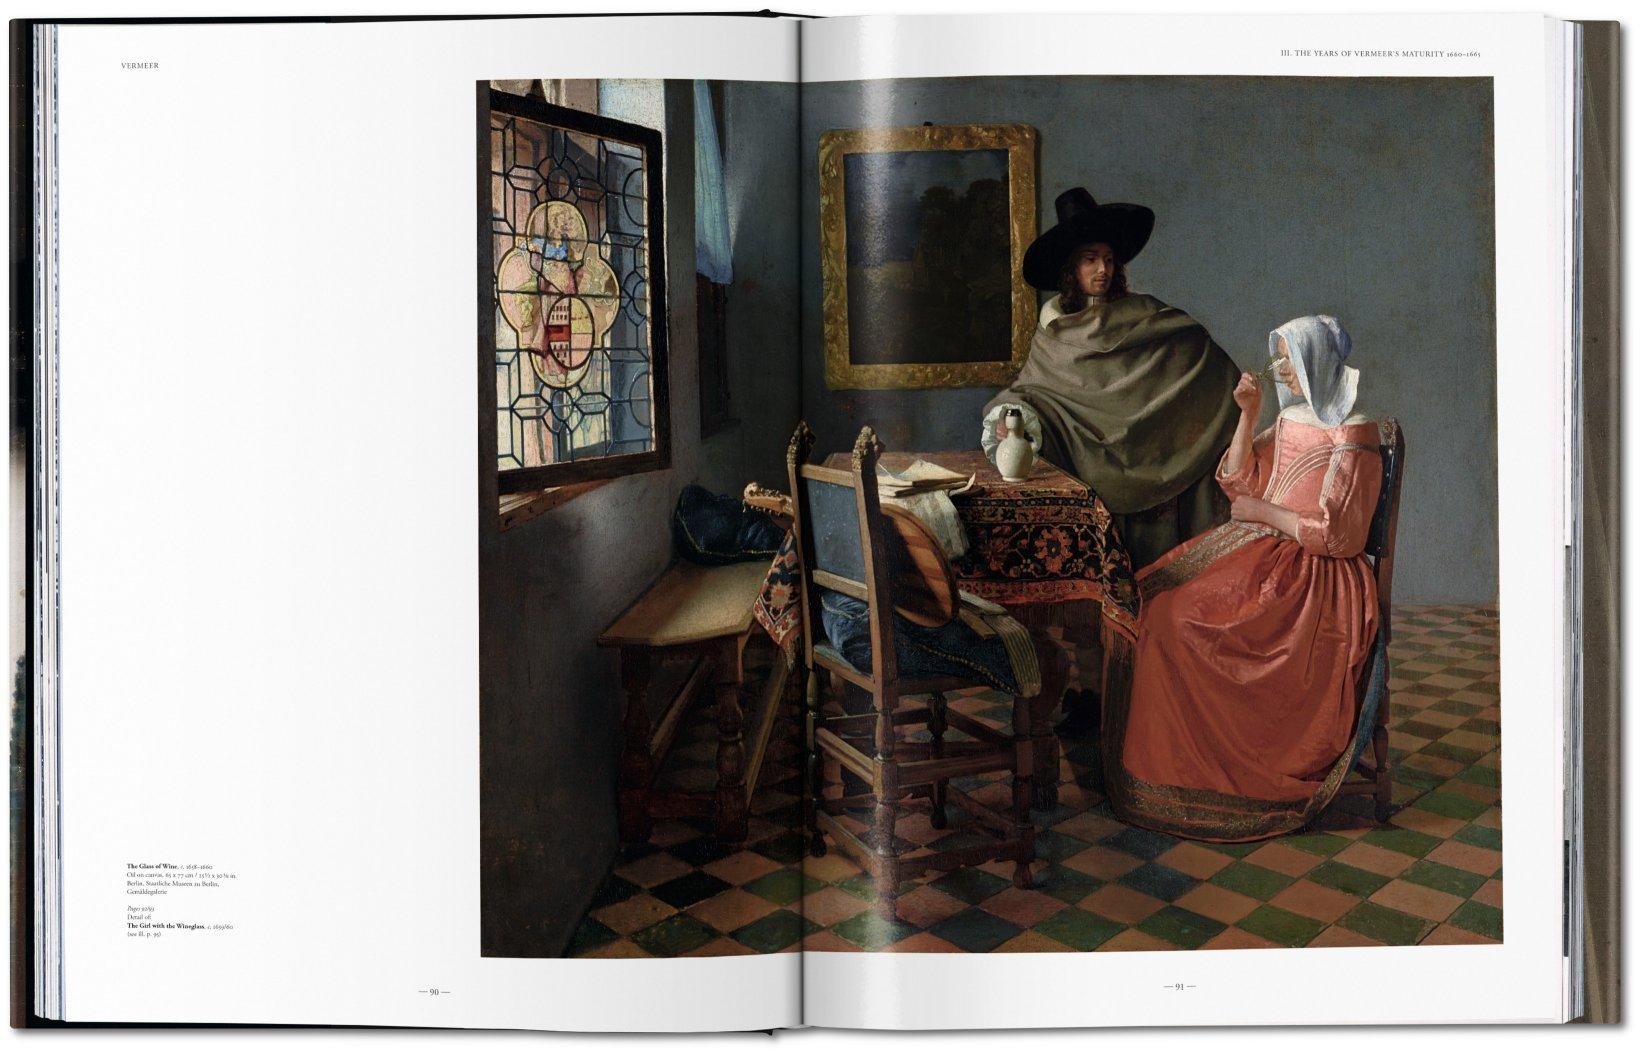 Taschen Vermeer Book